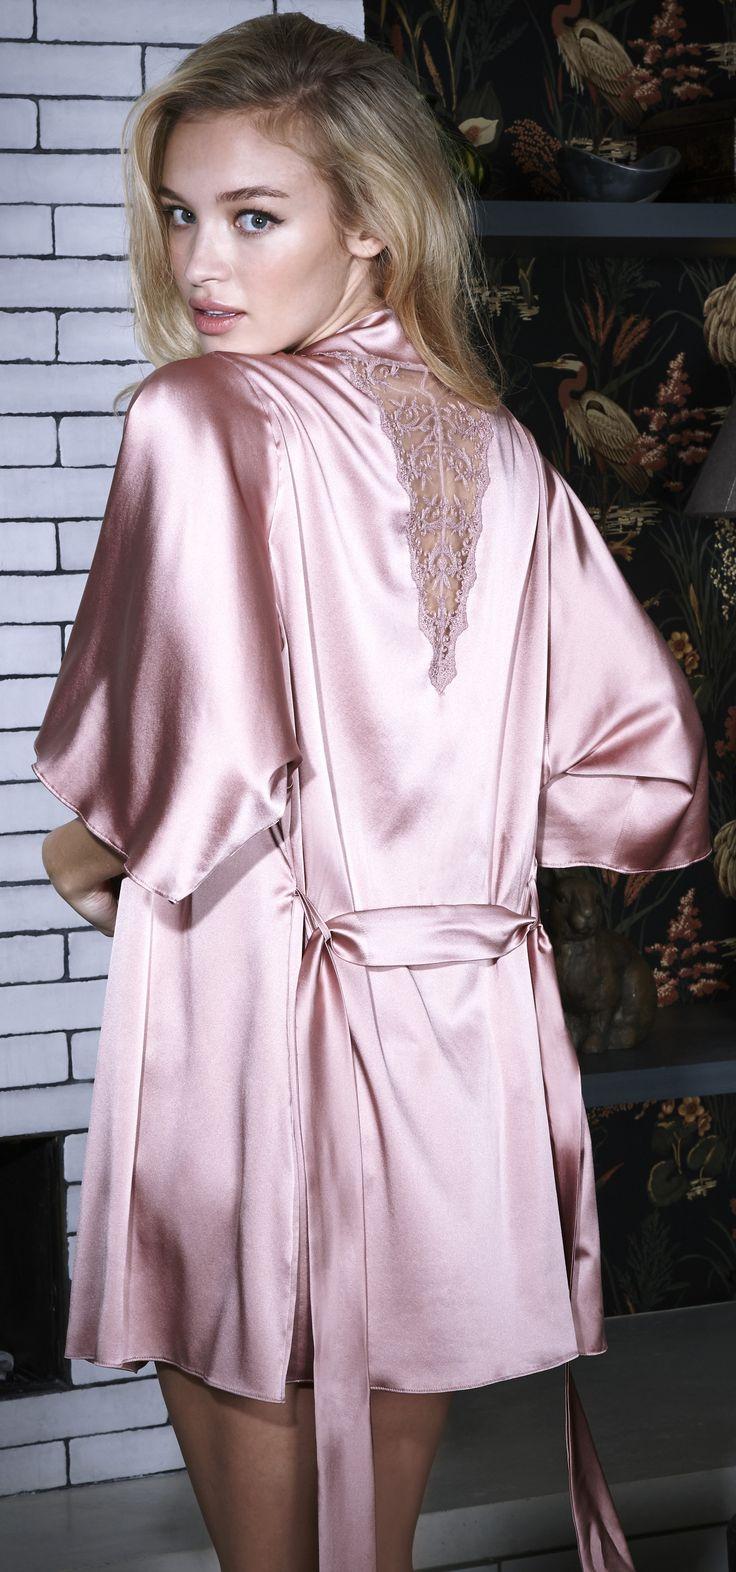 https://www.fleurofengland.com/lingerie/collections/sofia/sofia-silk-robe